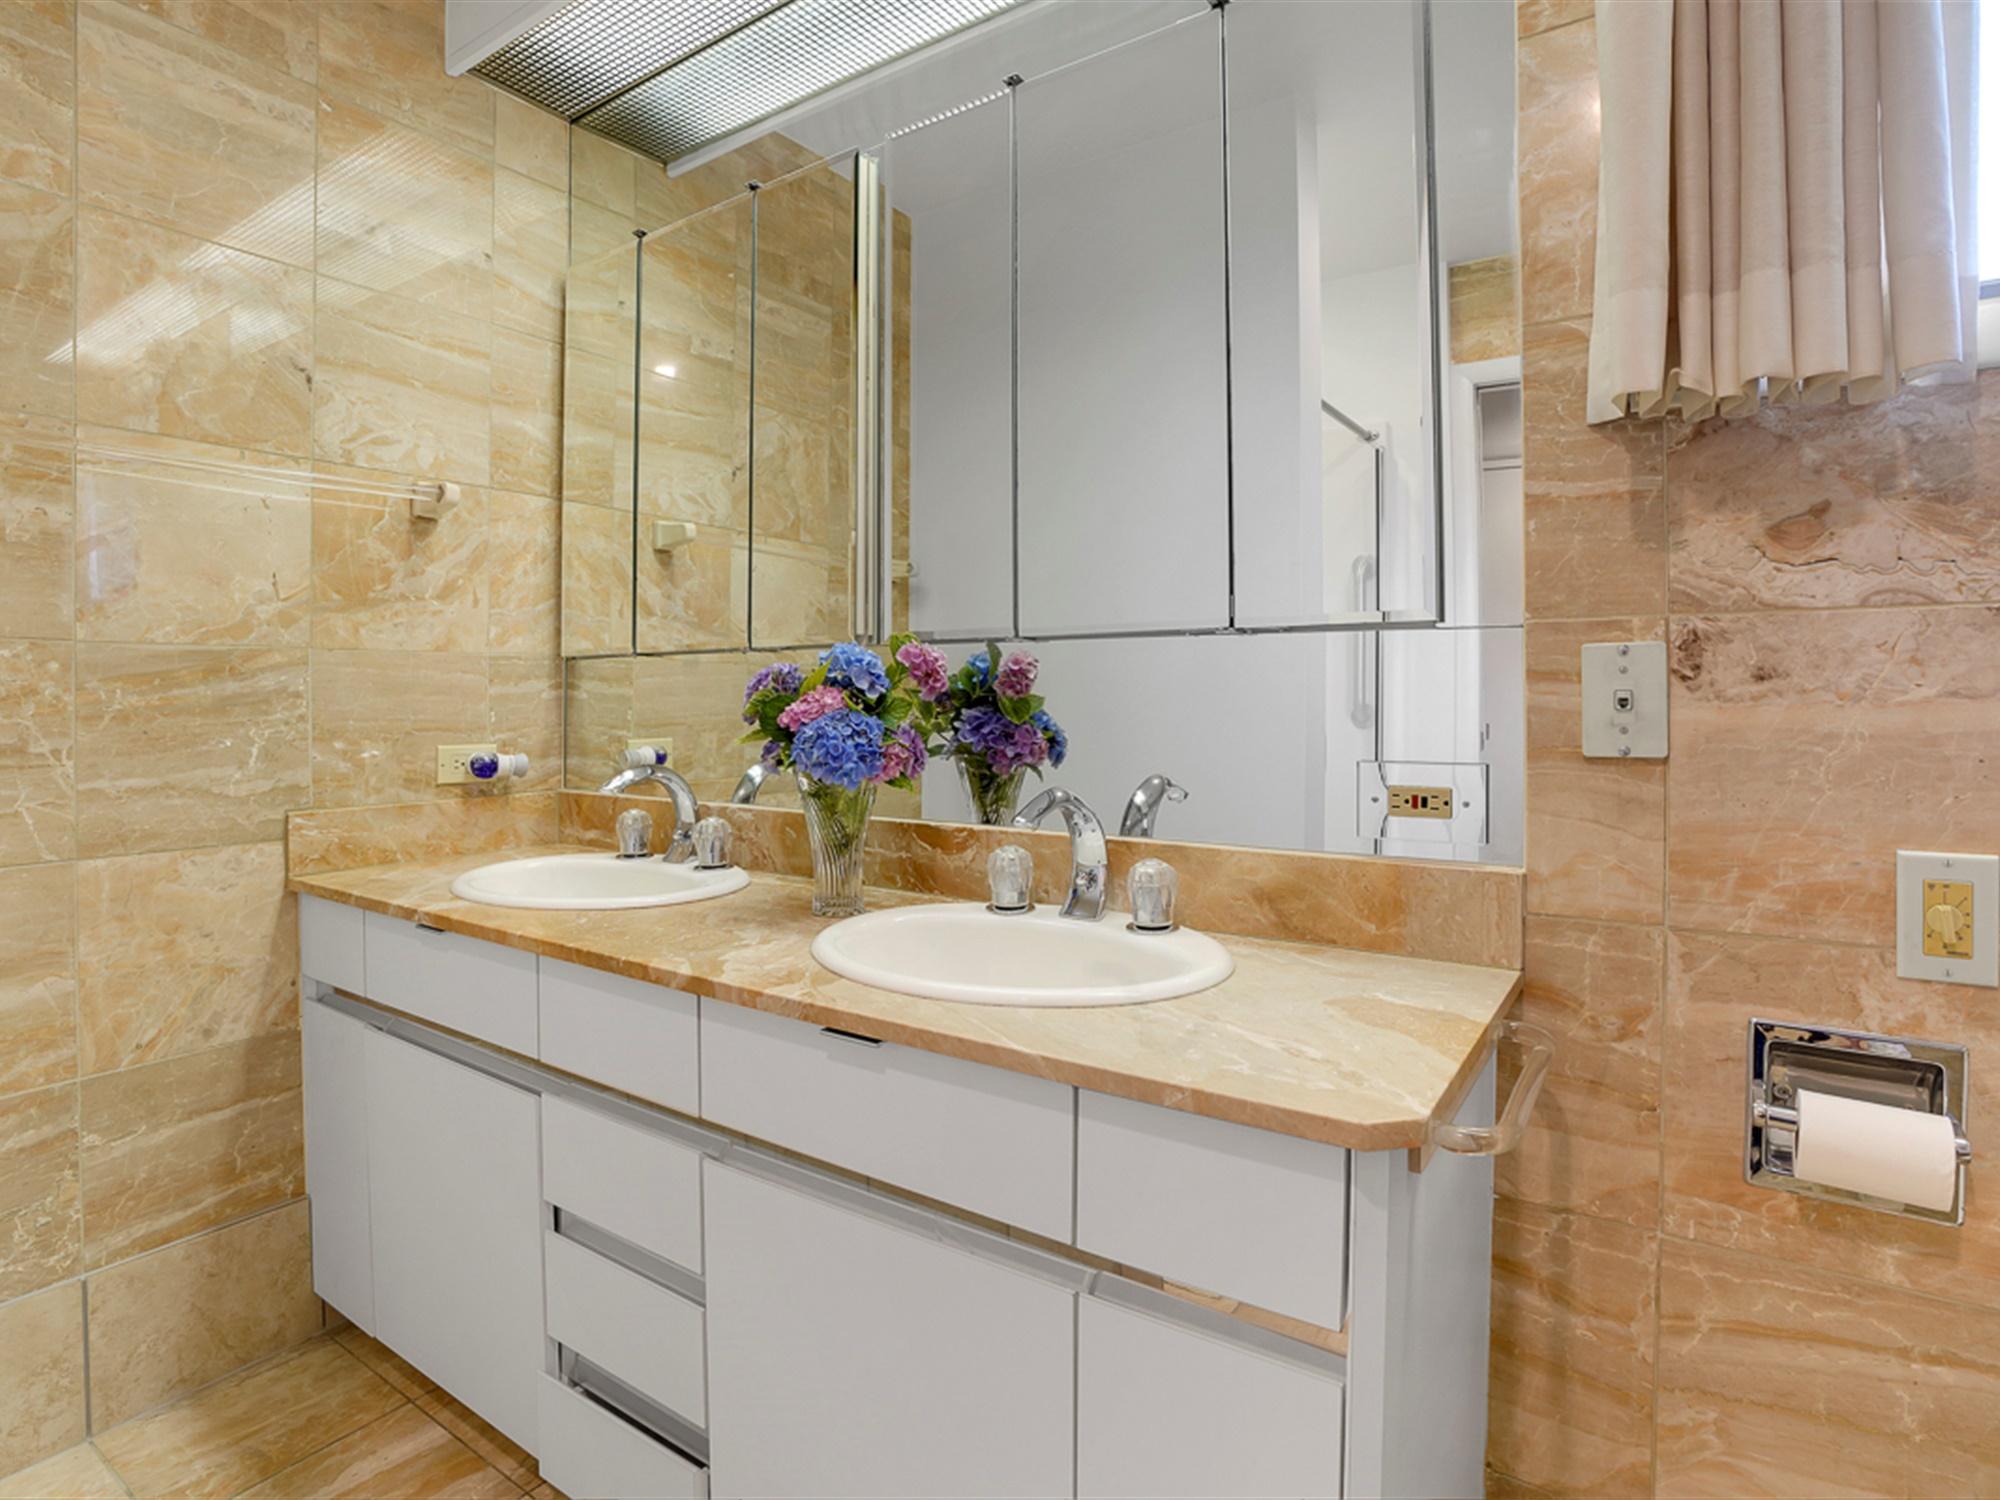 964 Reber St - Master Suite Bathroom 2